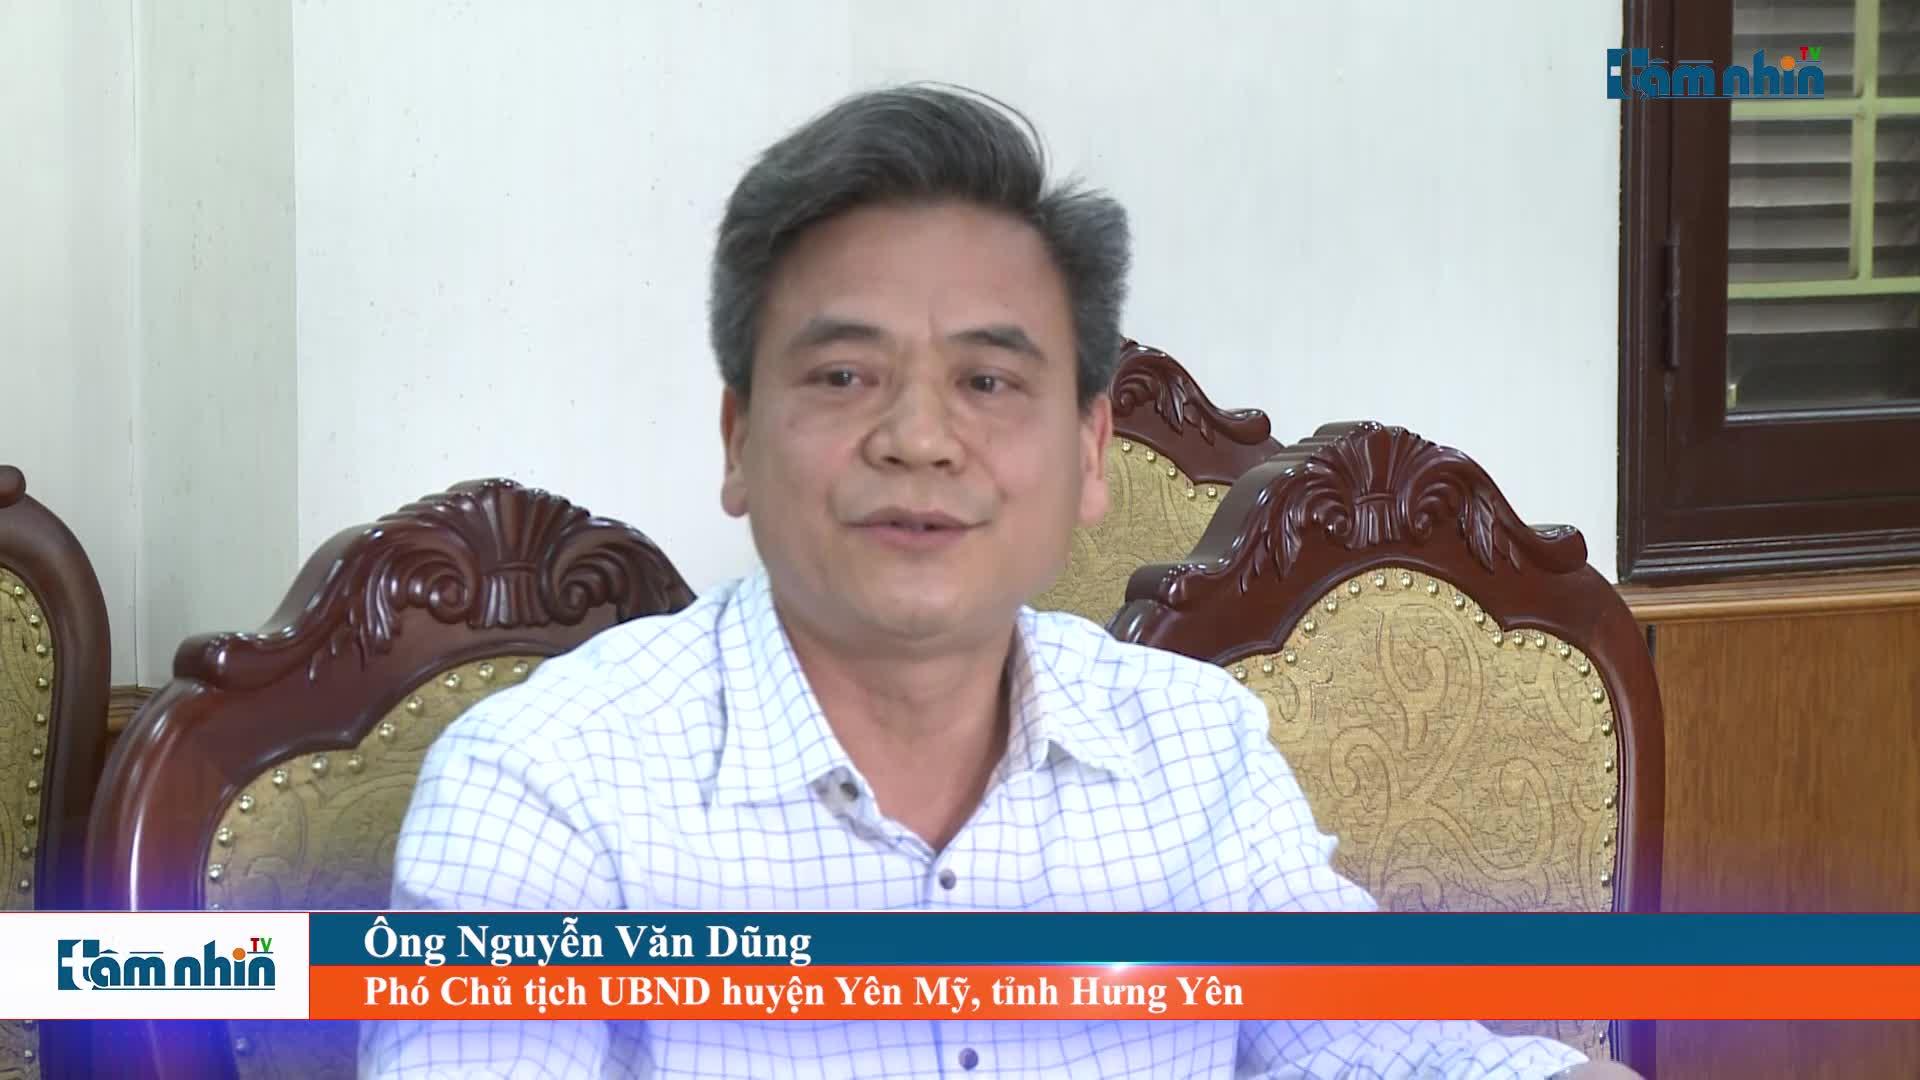 Hưng Yên: Nhiều khuất tất trong dự án KCN Viglacera Yên Mỹ?